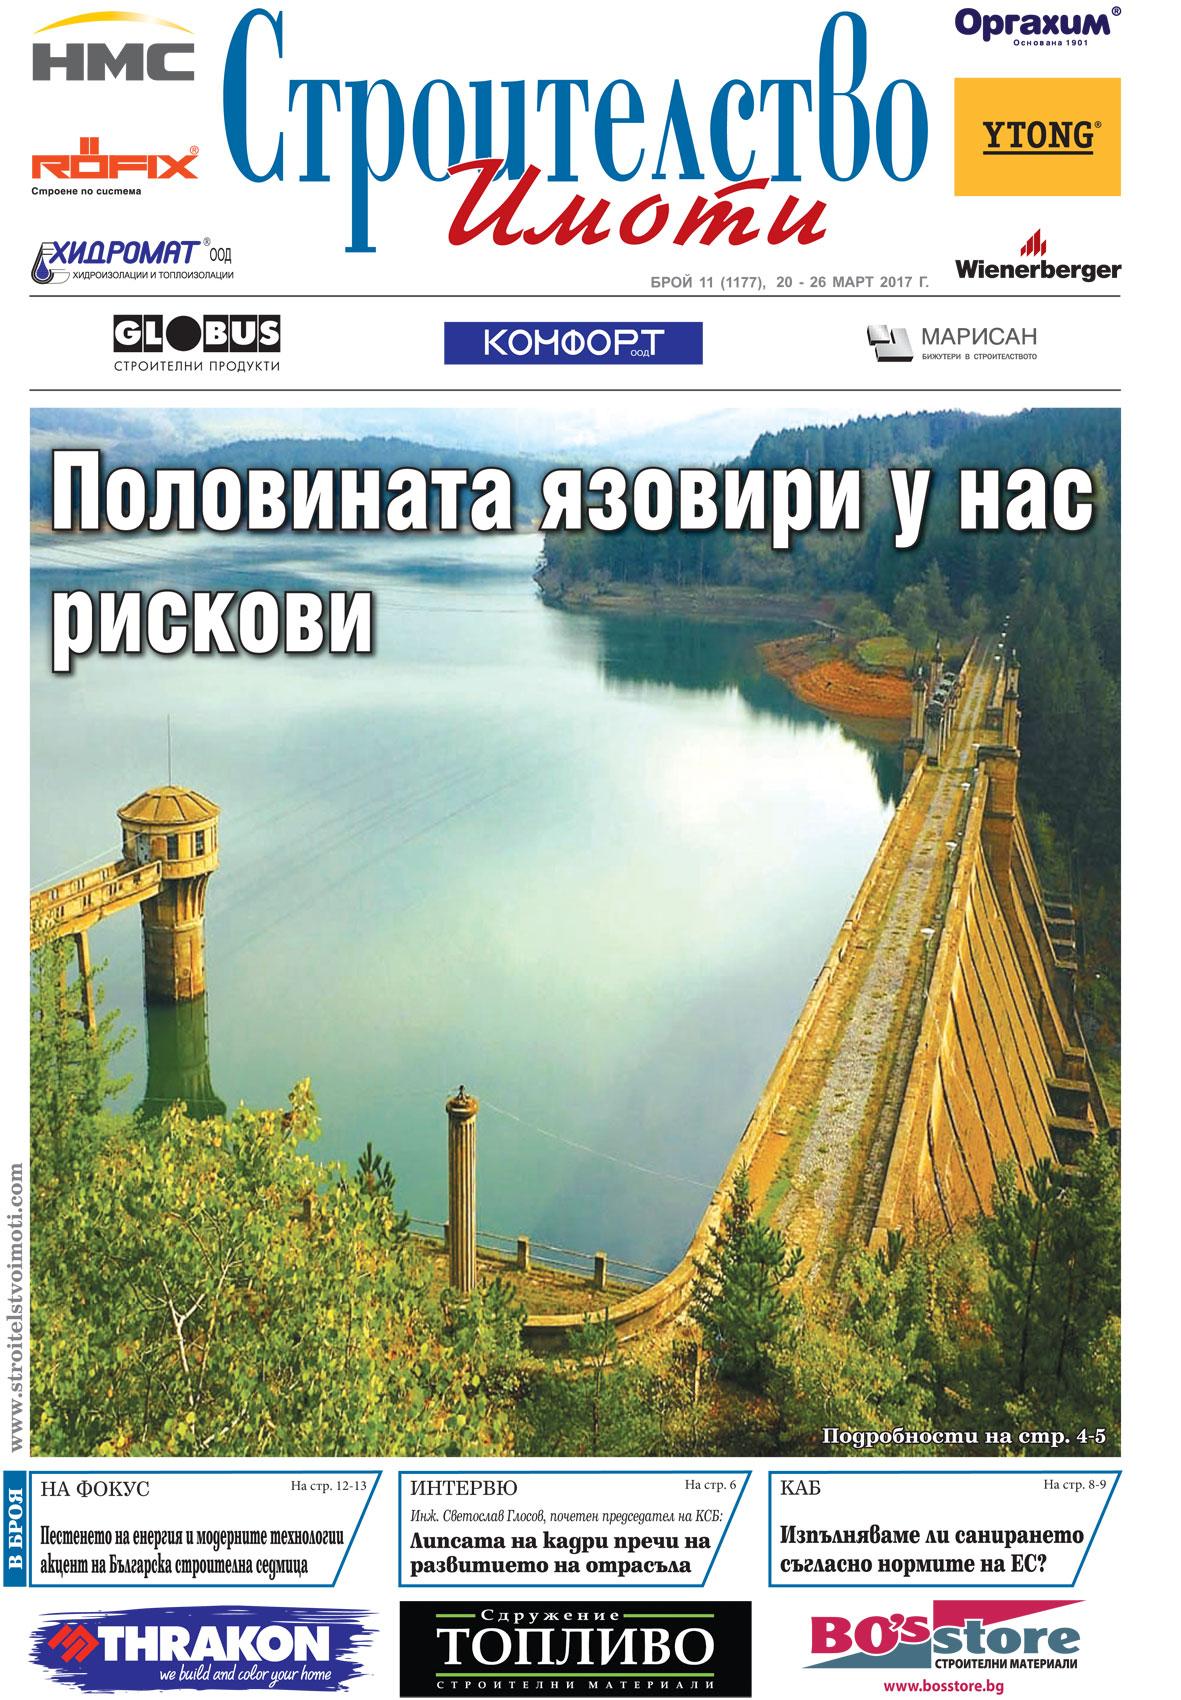 20032017_StroitelstvoImoti_001